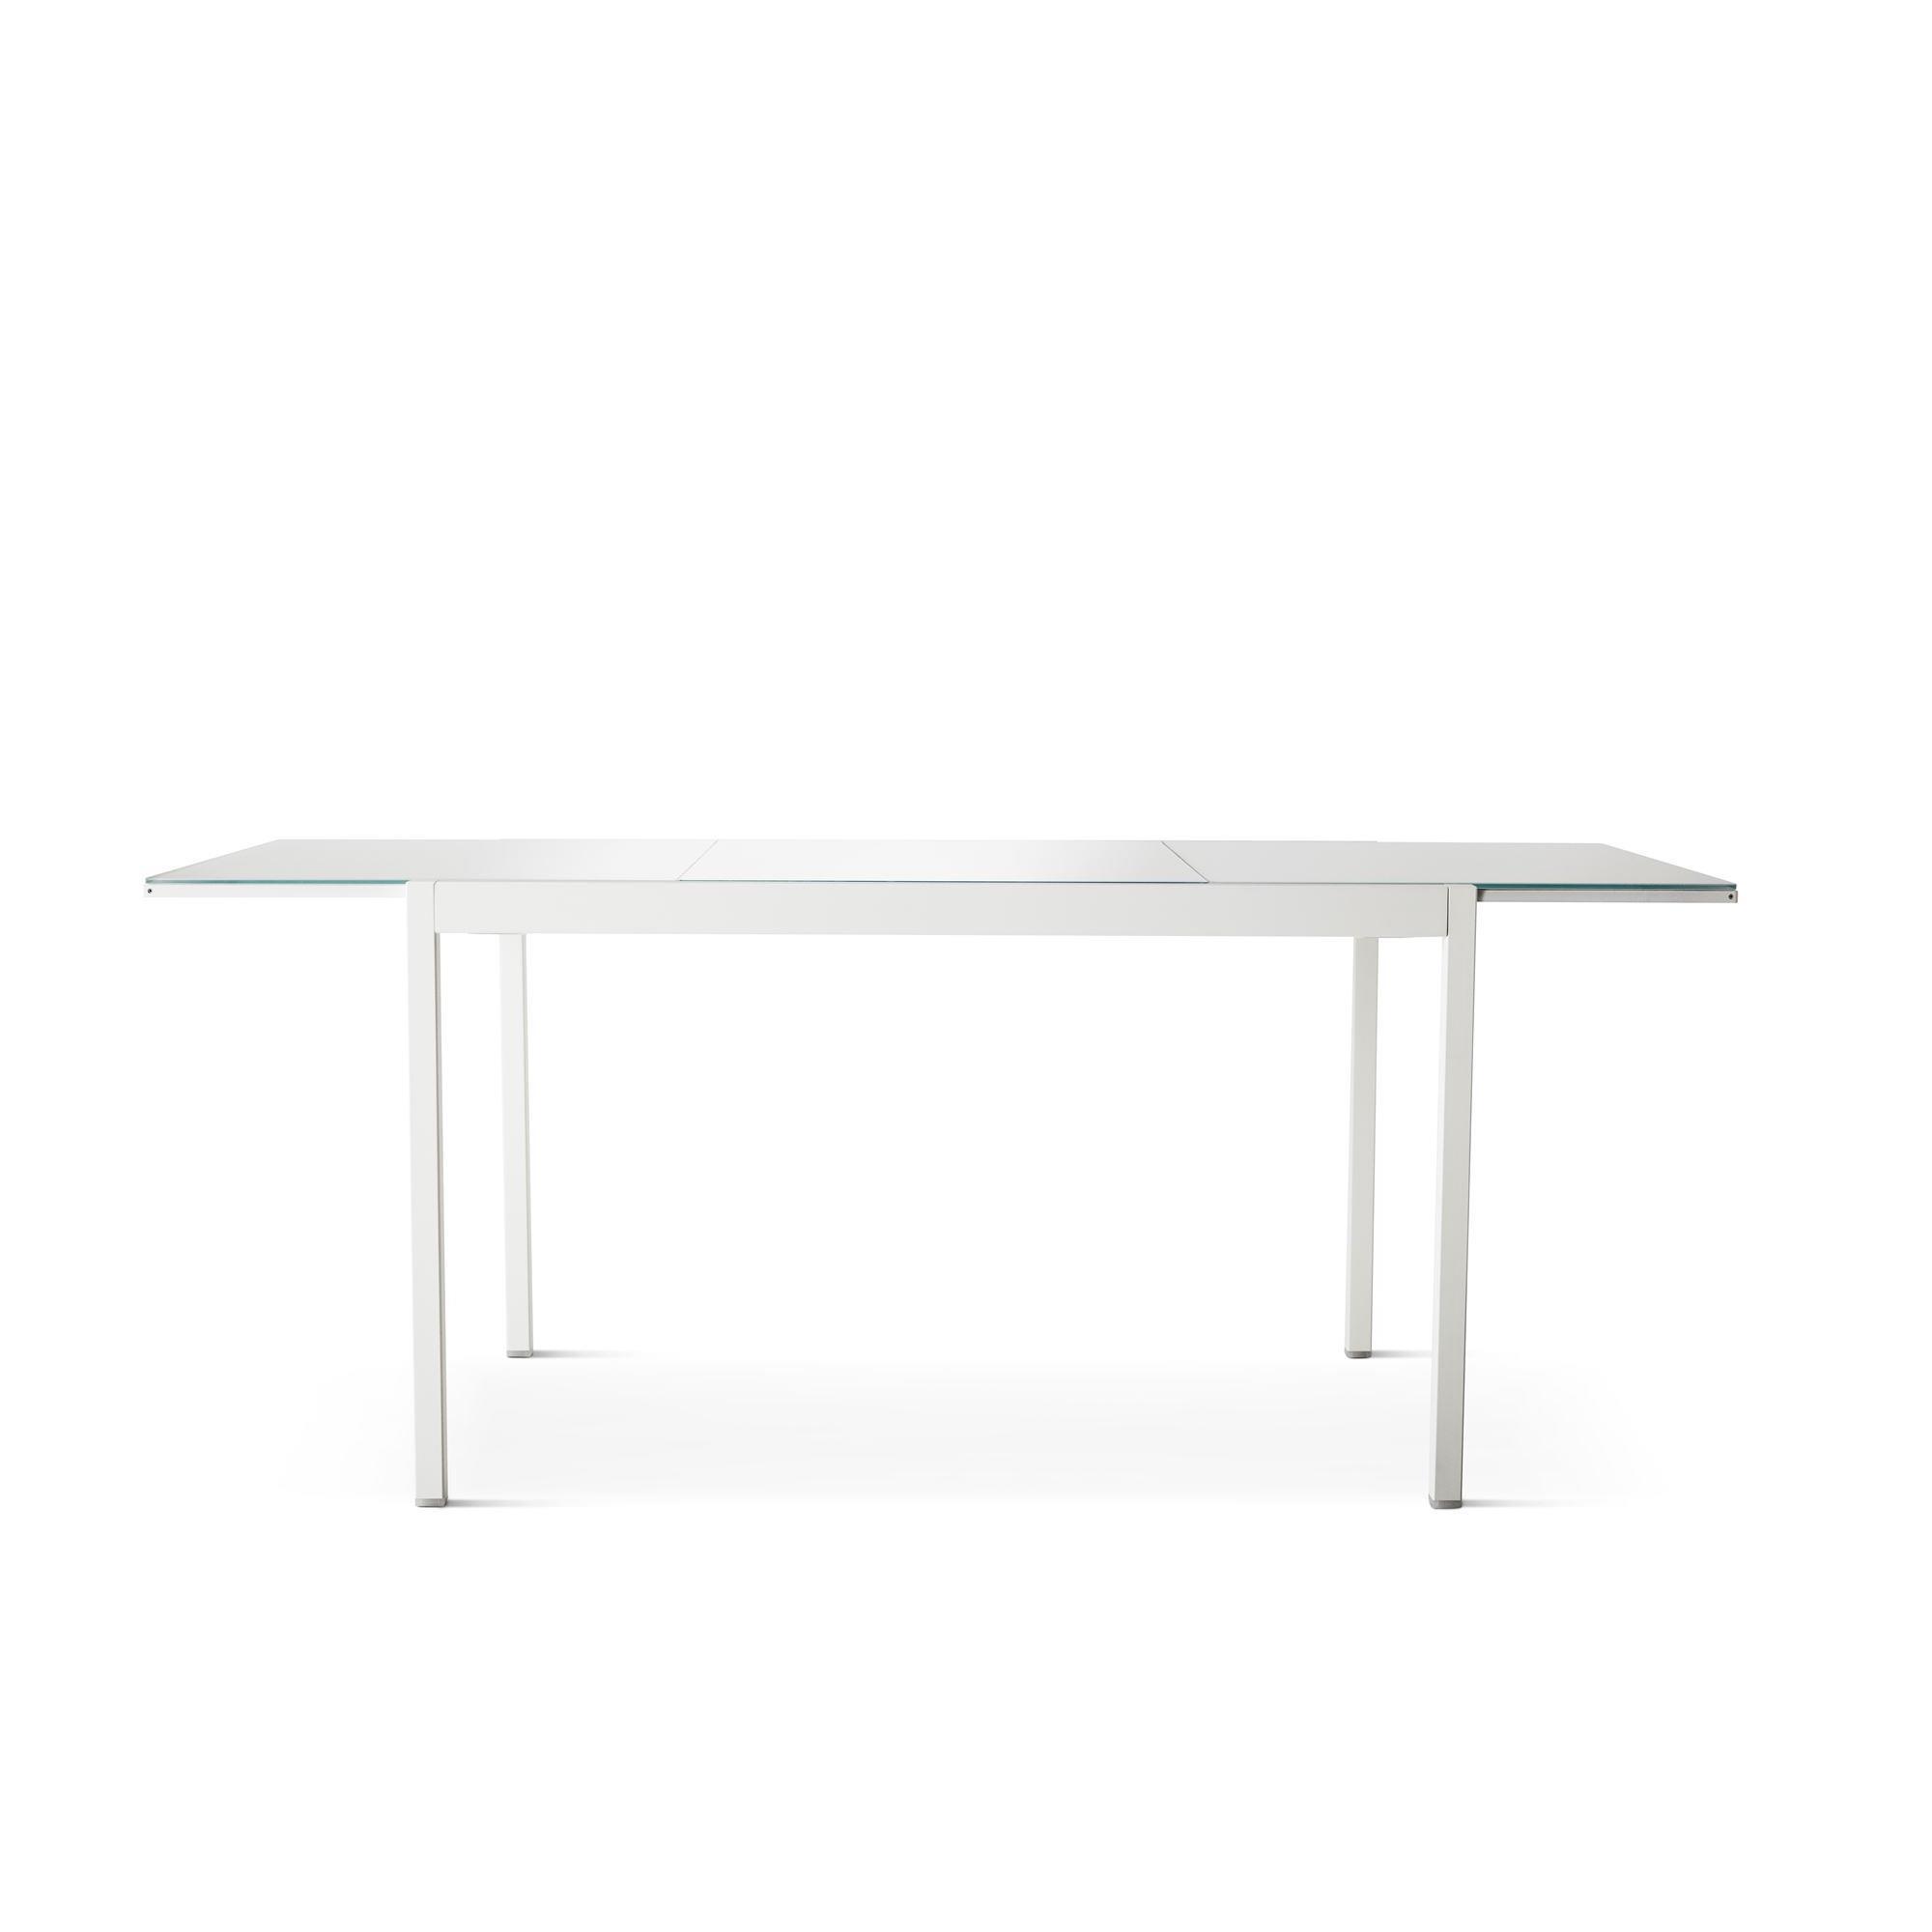 Glivarp Yemek Masasi Beyaz Cam 125 188x85 Cm Ikea Yemek Odalari